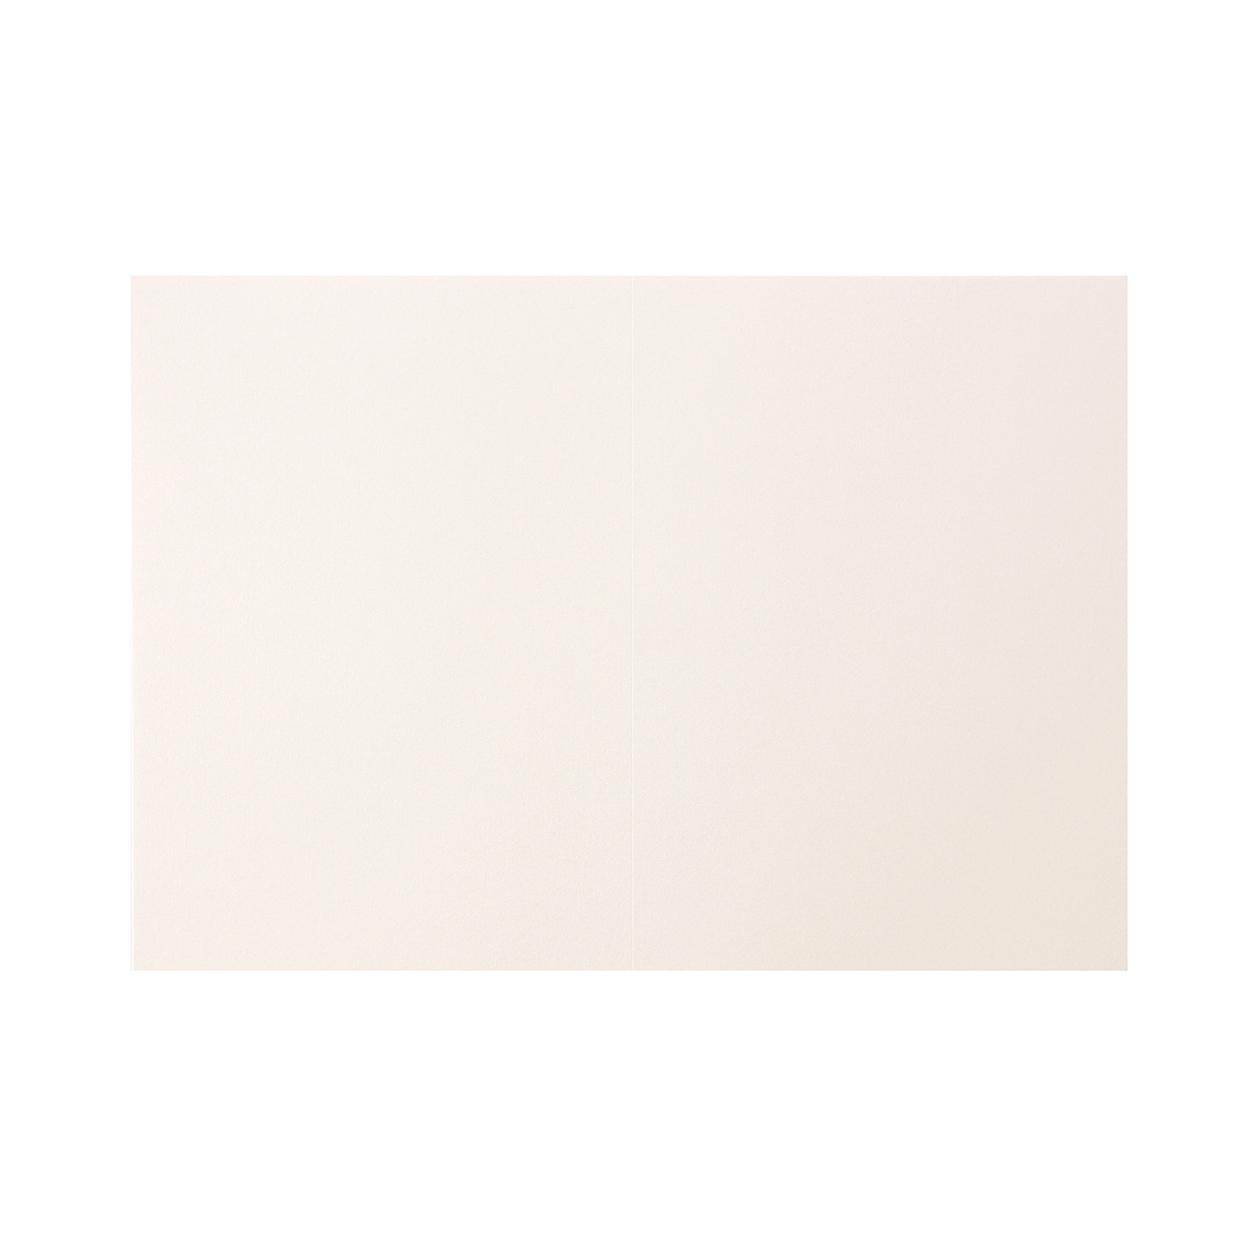 A4カバー コットンパール スノーホワイト 241.8g